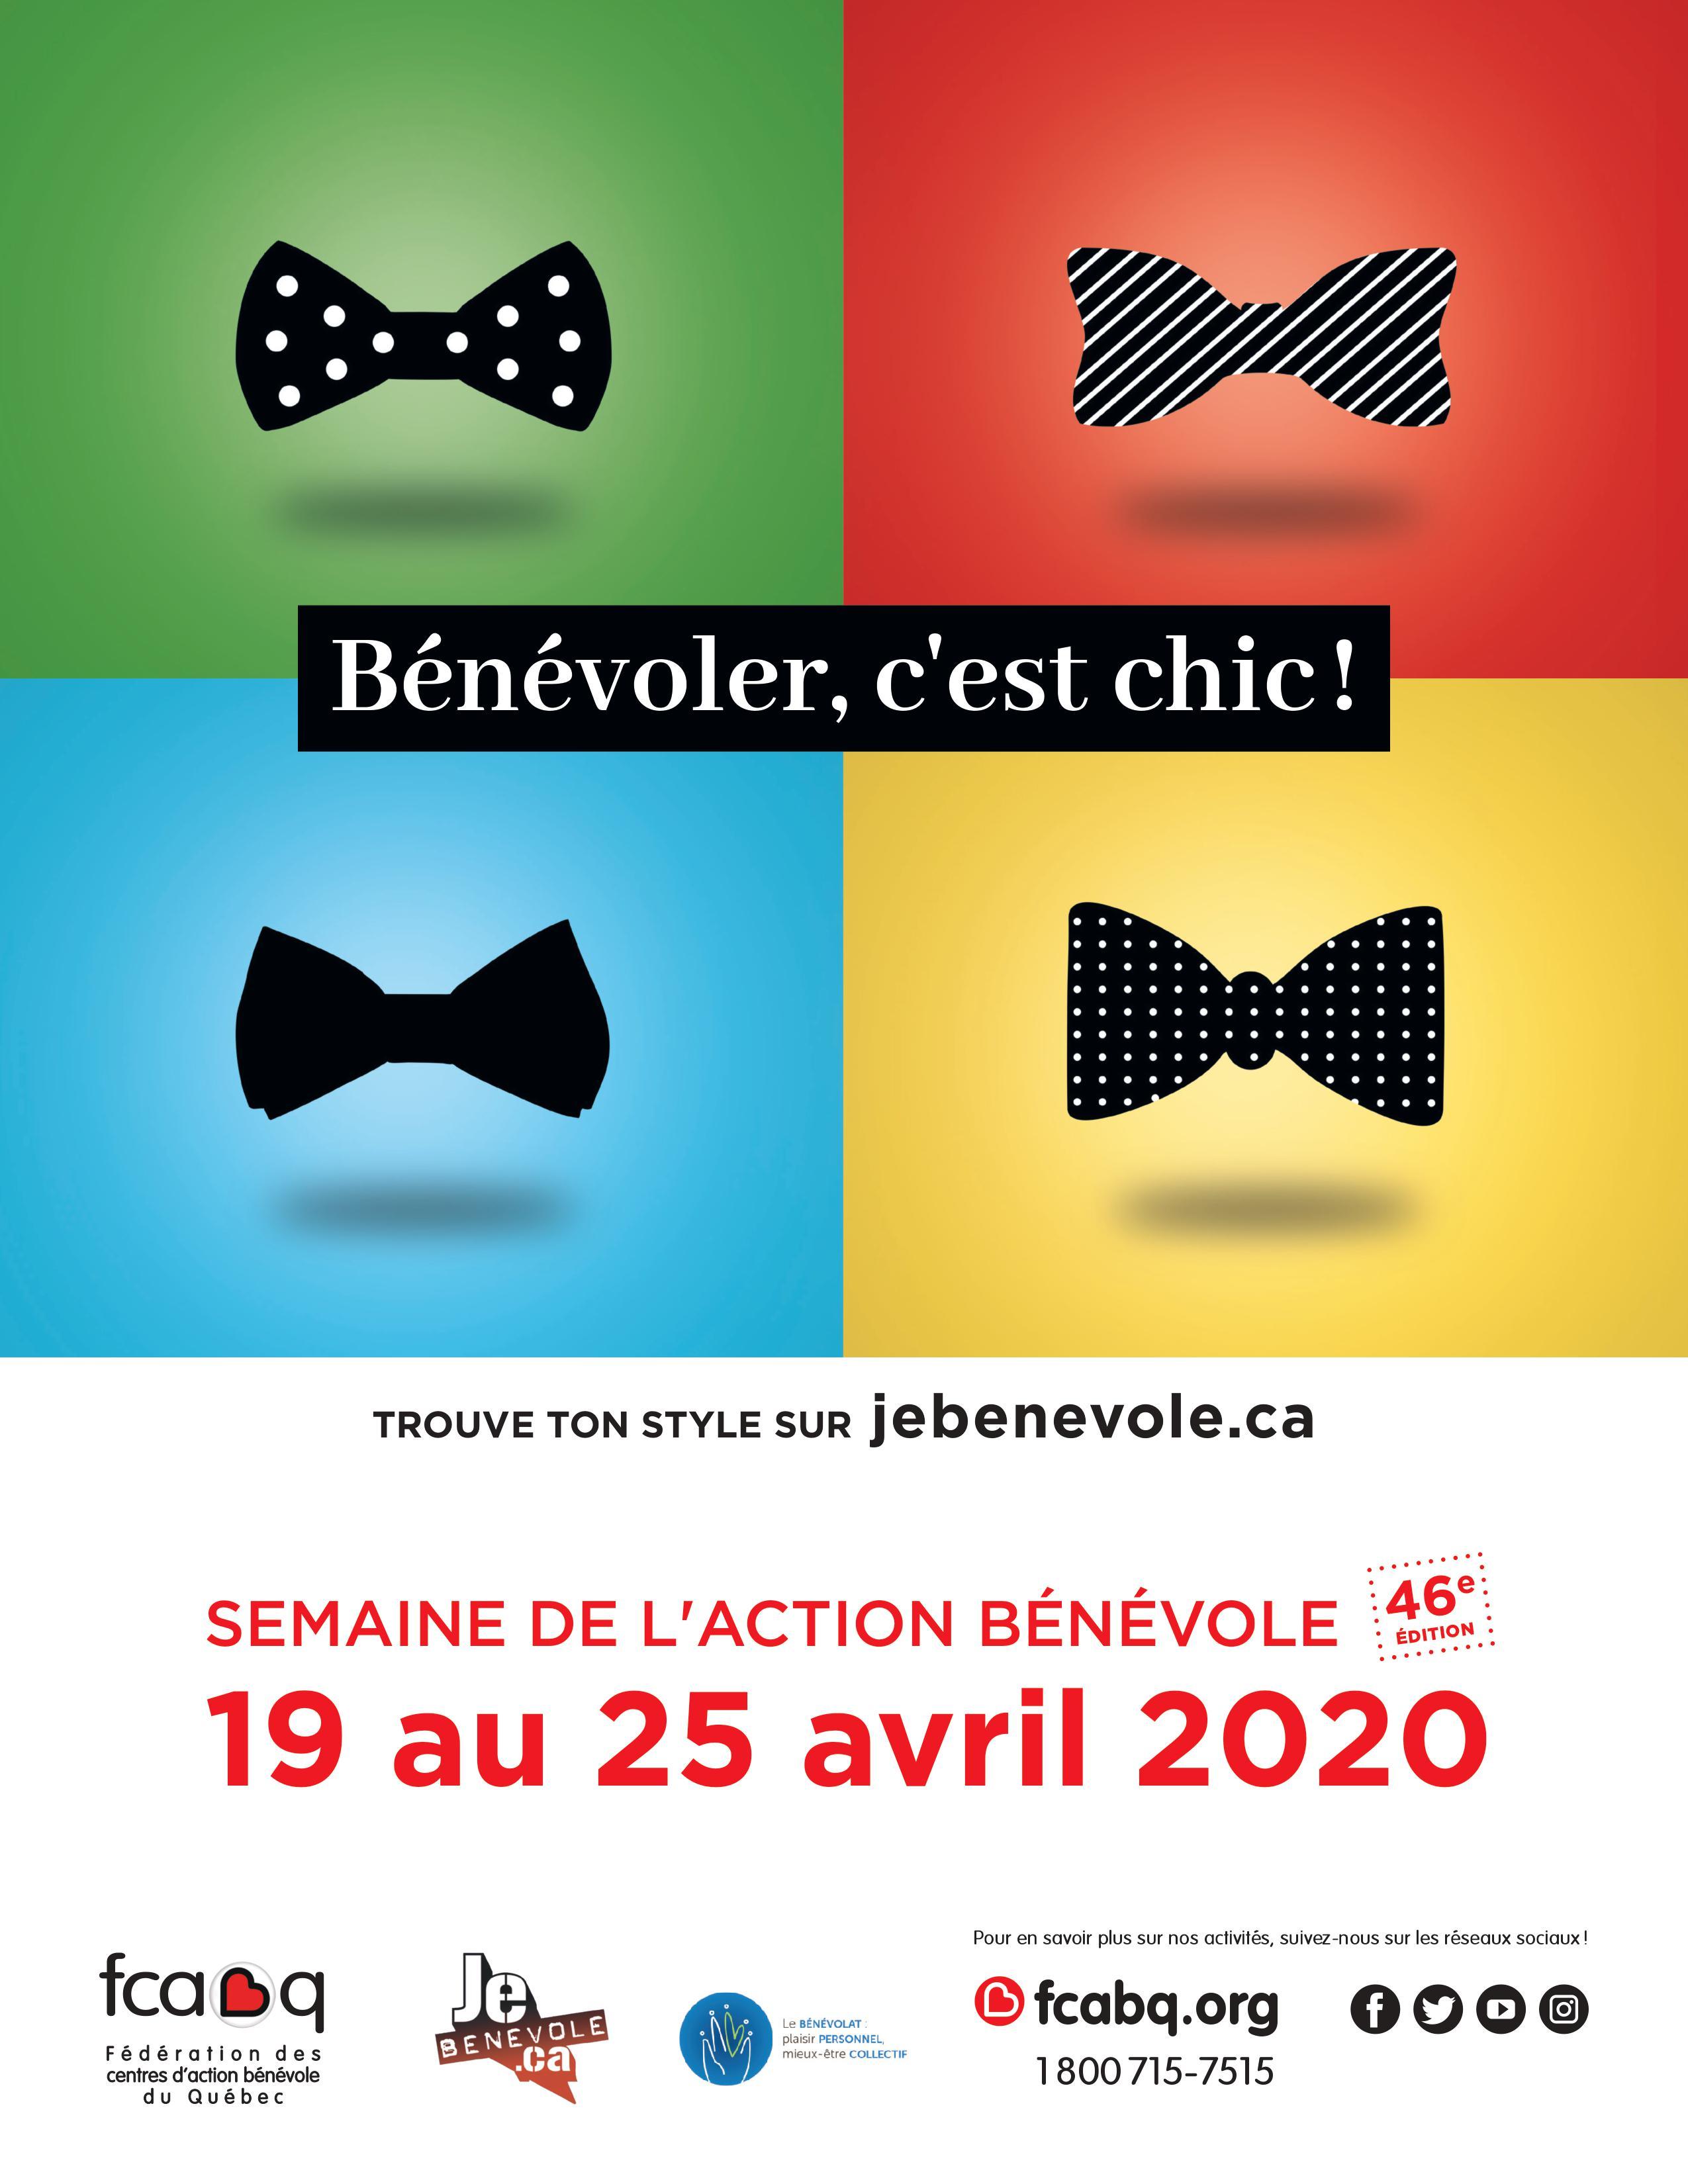 https://www.fcabq.org/semaine-de-l-action-benevole/semaine-de-l-action-benevole-2020